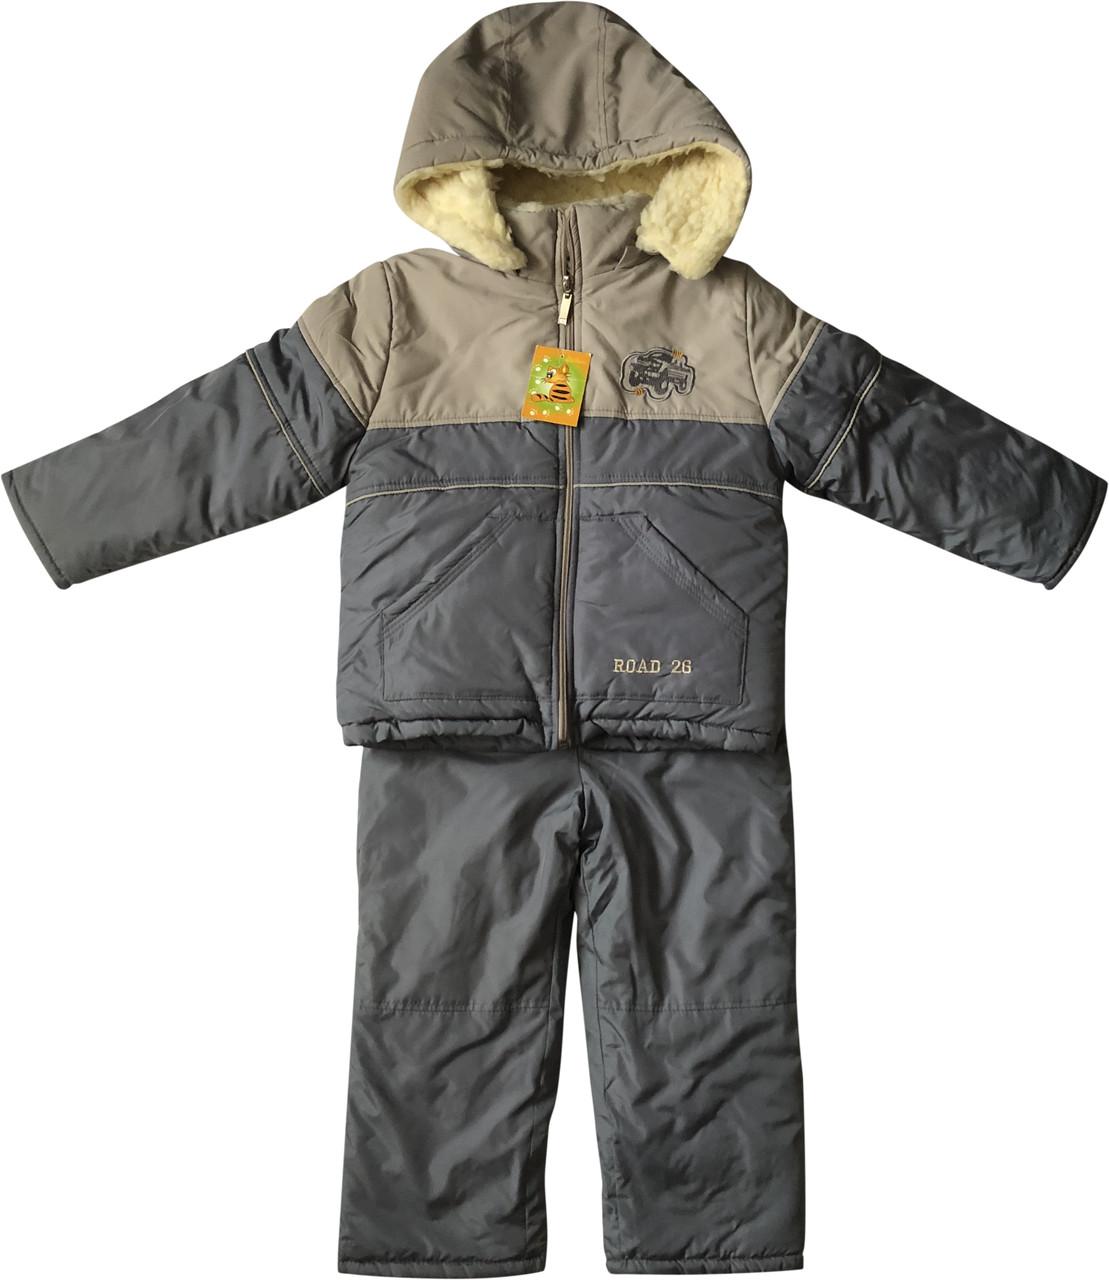 Зимовий комбінезон на хлопчика ріст 104 3-4 роки для дітей дитячий роздільний сірий